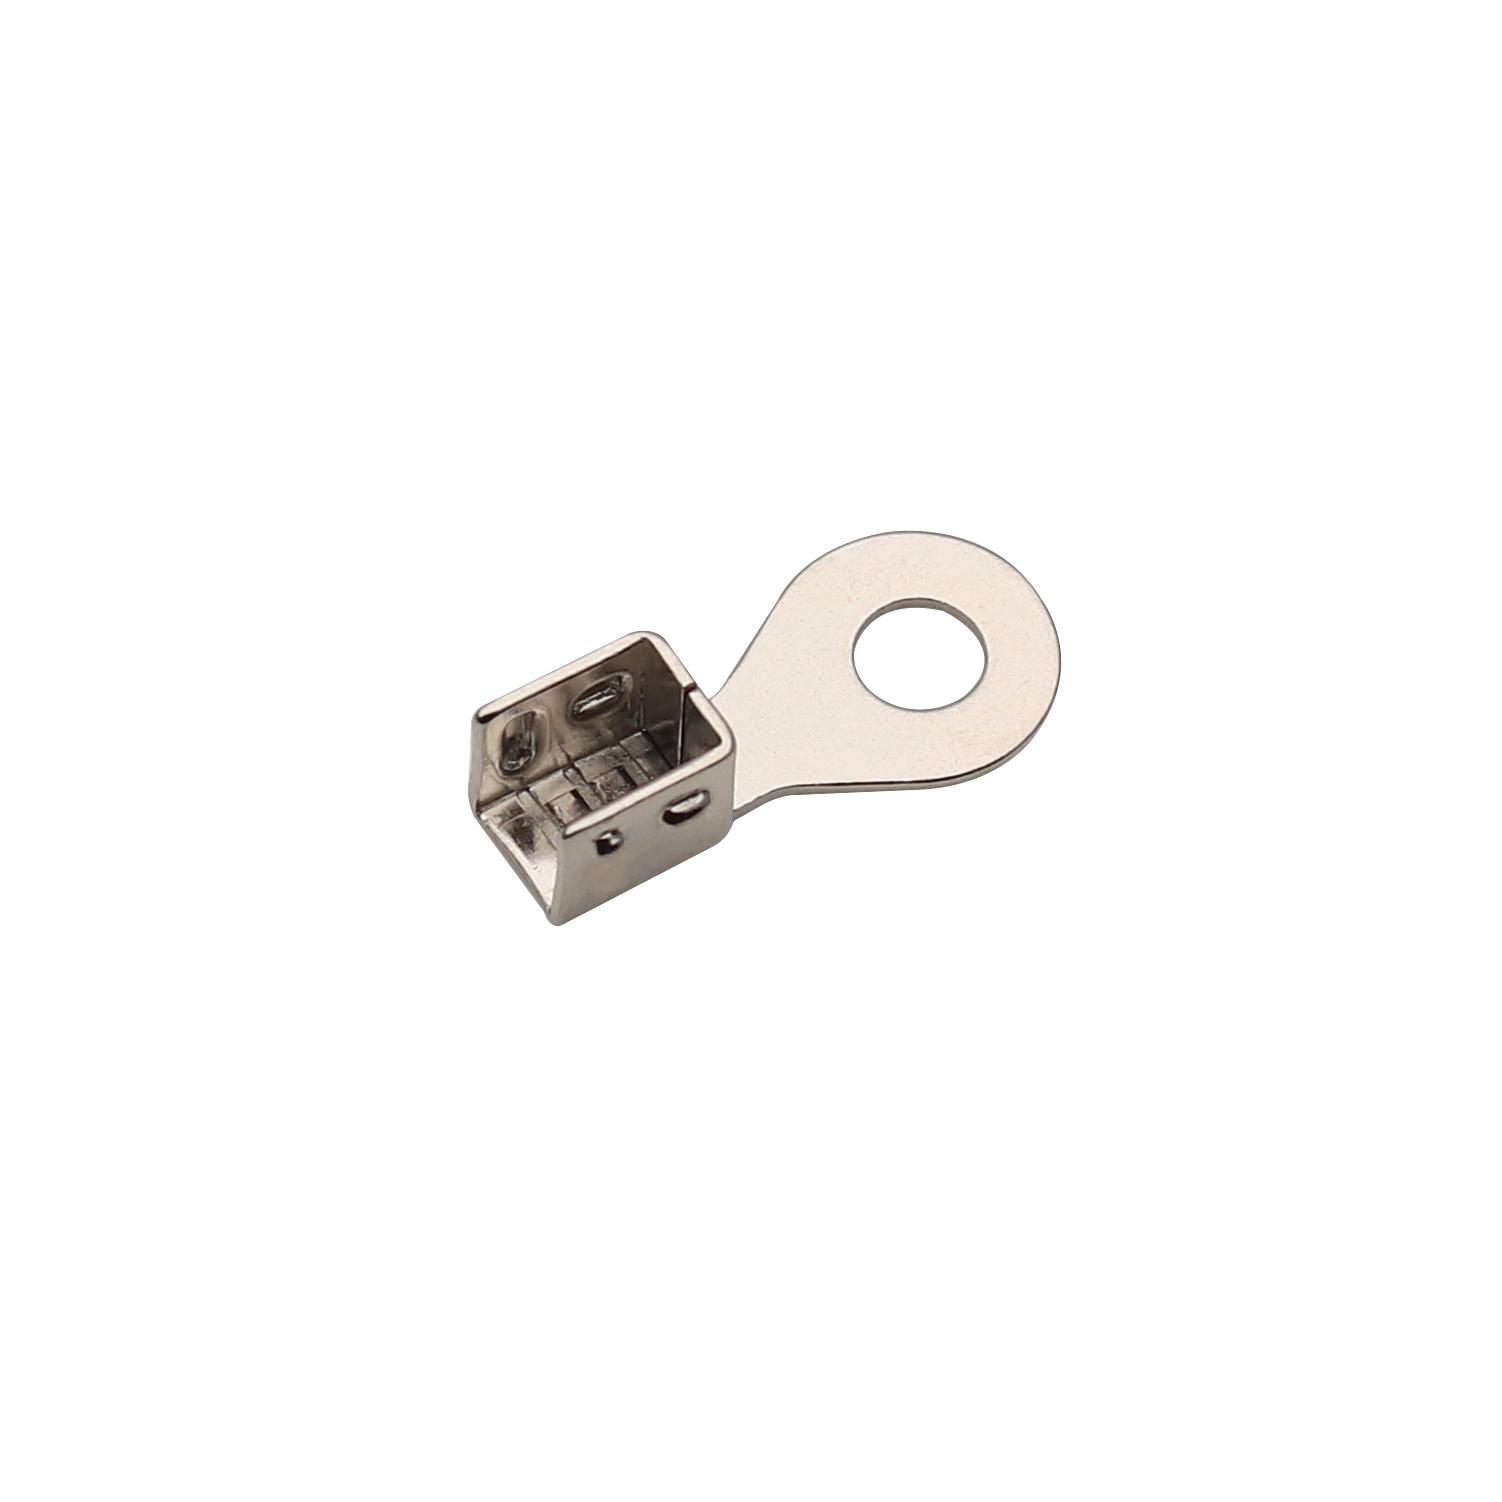 3.7x8.5x17.5磷銅鍍鎳端子 傳感器端子精密端子廠家志盈端子